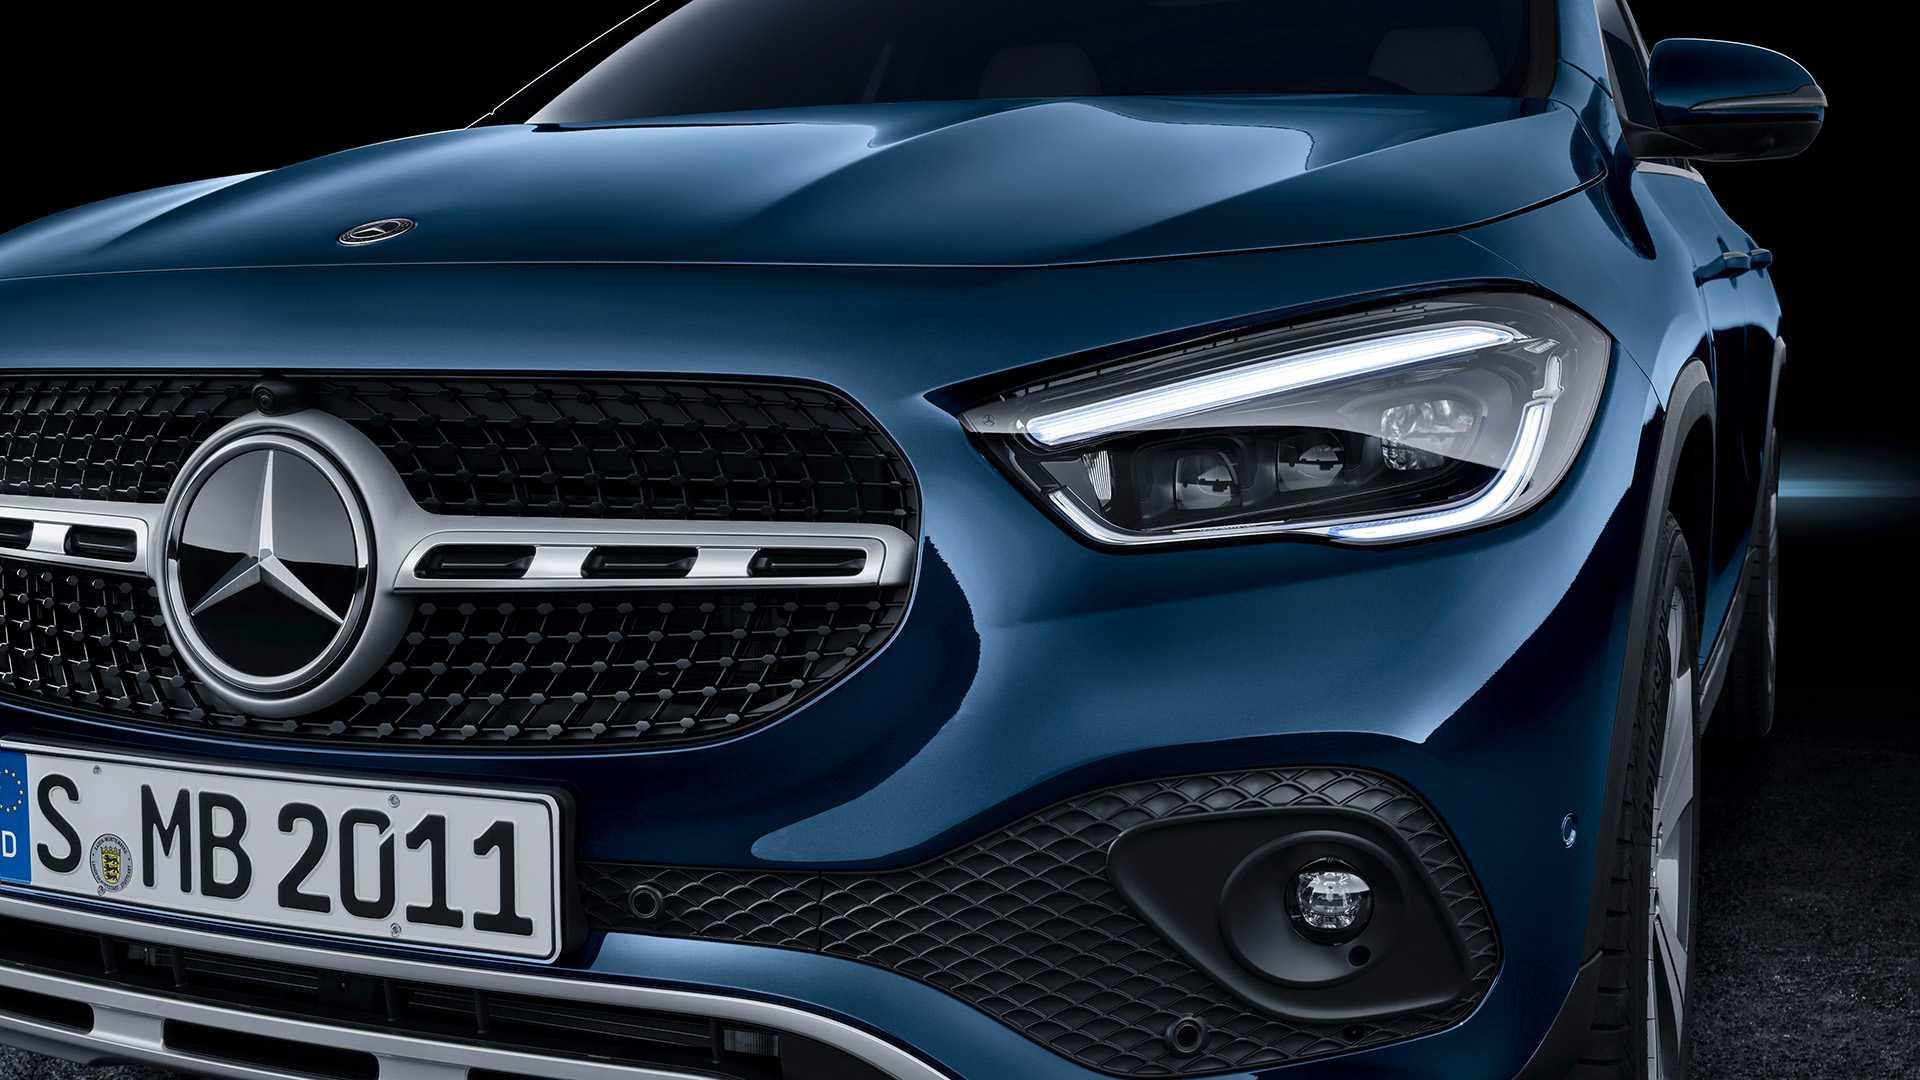 Ra mắt Mercedes-Benz GLA 2021 thế hệ mới, nhiều cải tiến đáng chú ý - 07